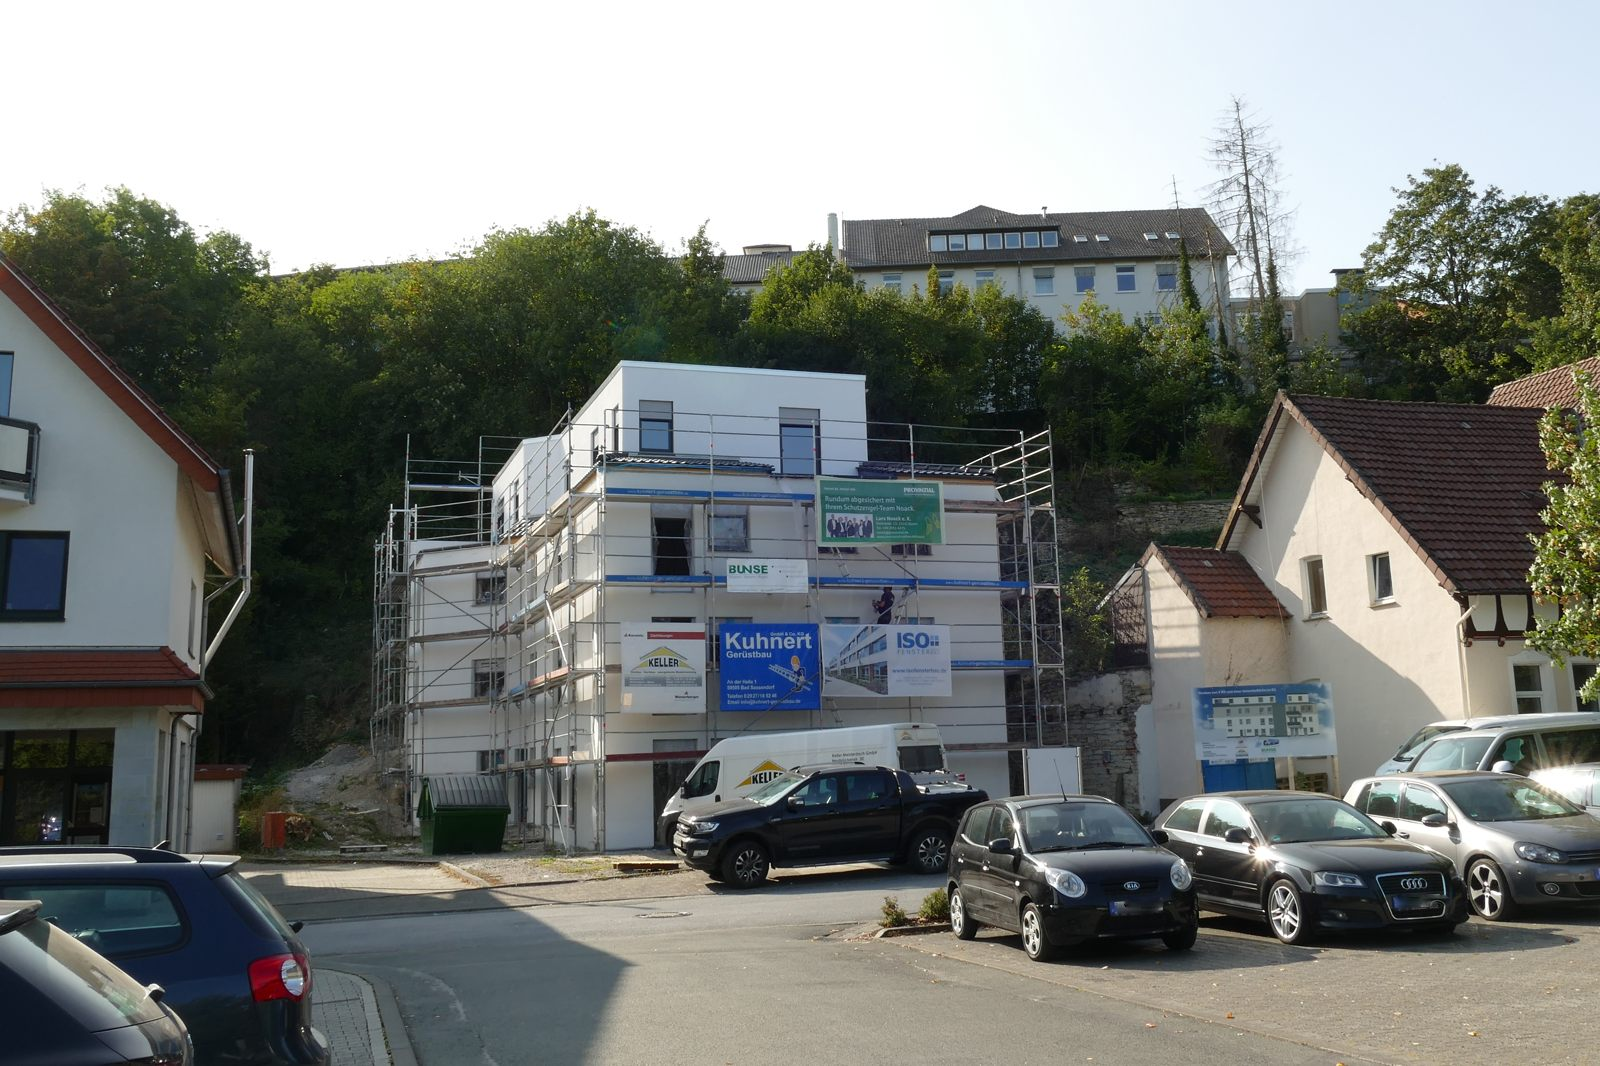 Neubau am unteren Bruchberg - oben das ehemalige Krankenhaus